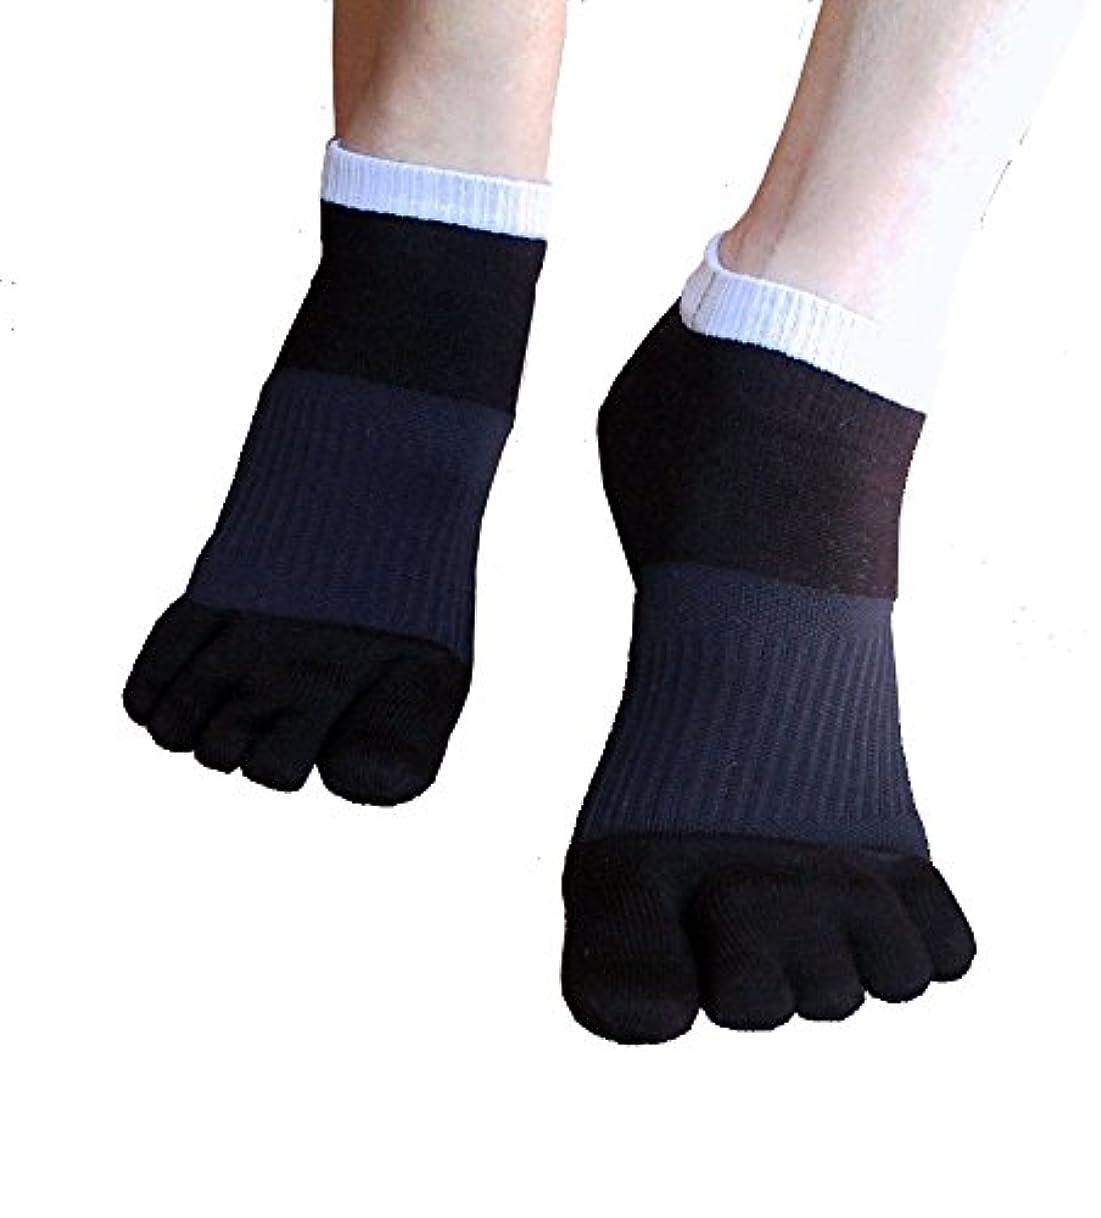 見せます小麦粉革命的外反母趾対策 ふしぎな5本指テーピング靴下 スニーカータイプ 22-24cm?ブラック(色は2色、サイズは3サイズ)